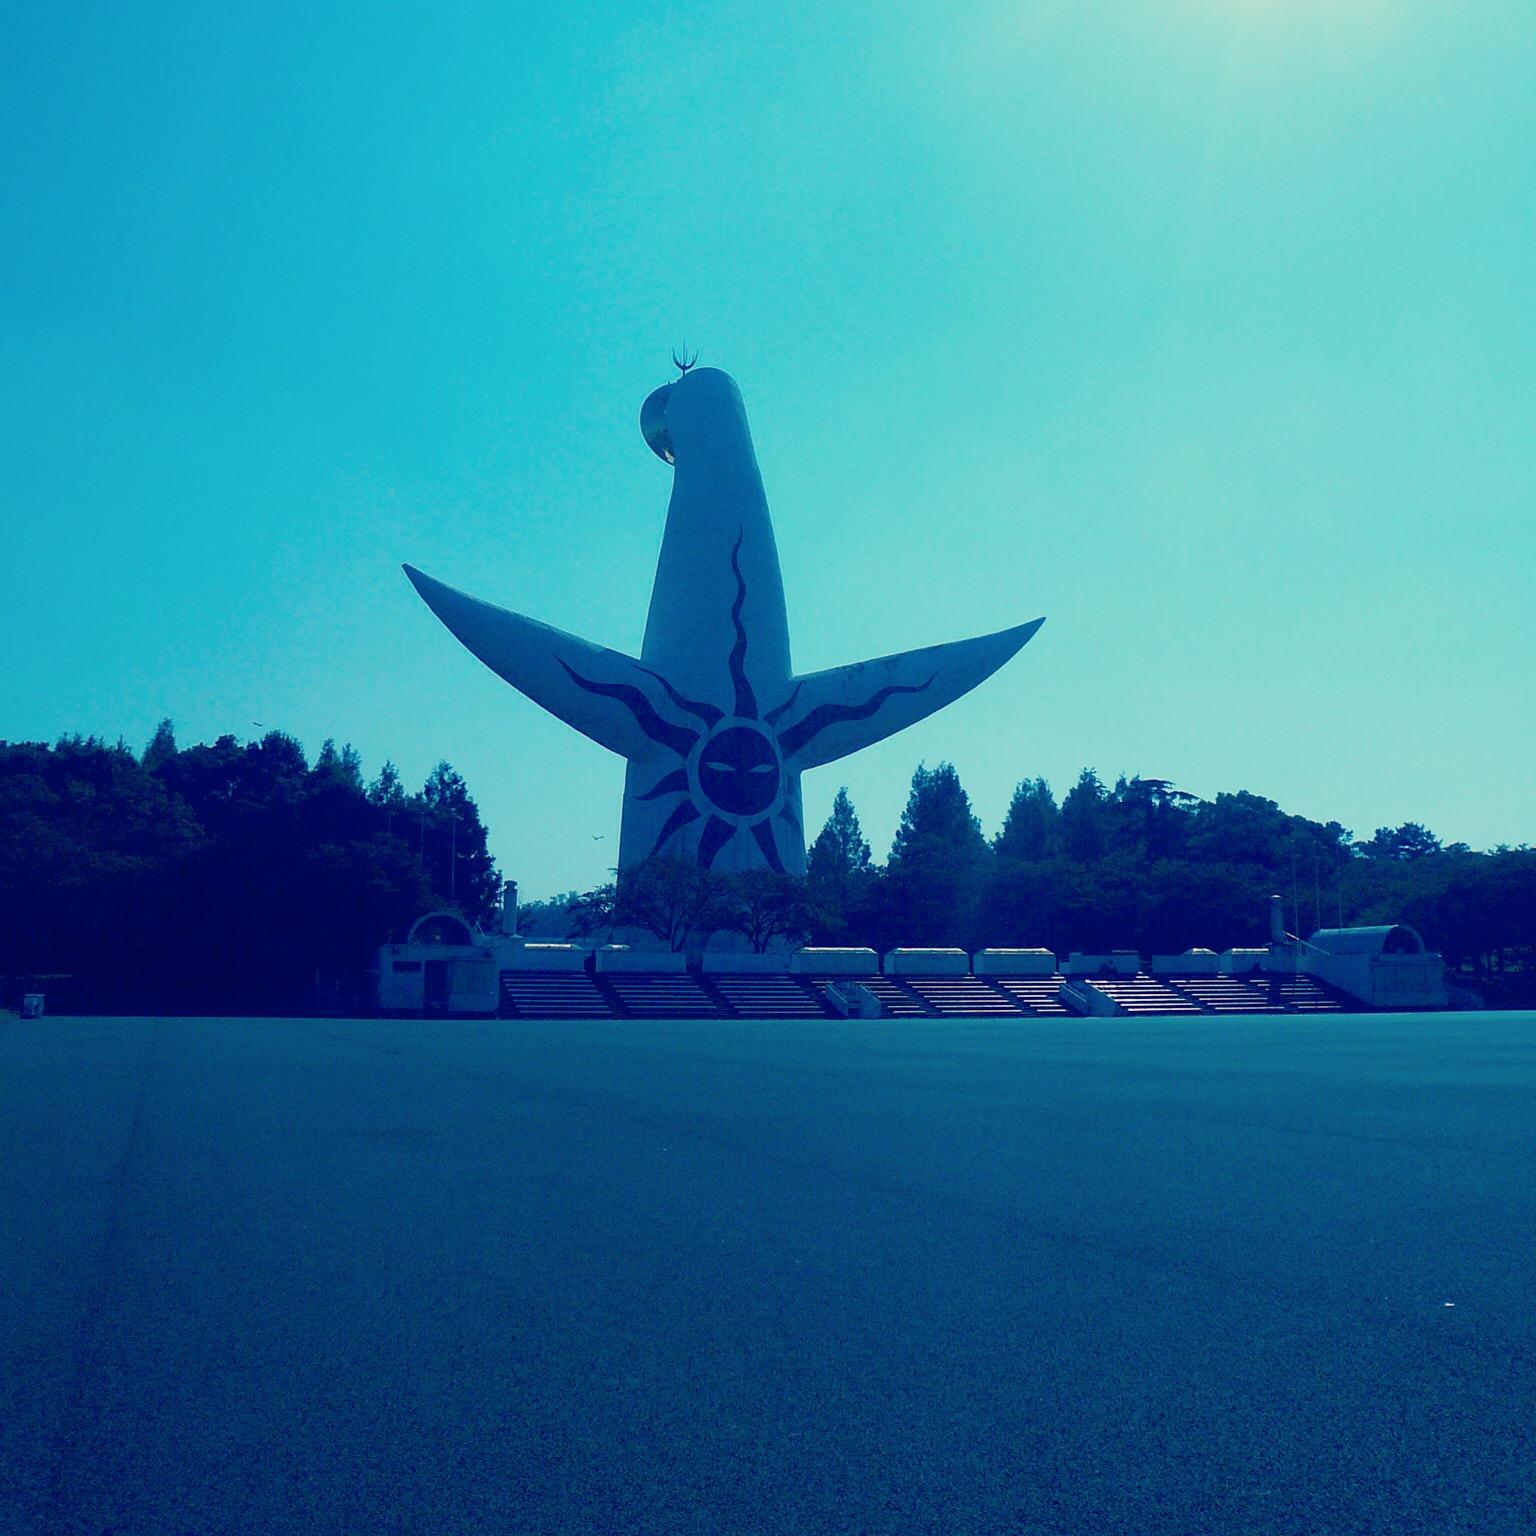 土偶のように見える「太陽の塔」の後ろ姿。黒い太陽が描かれる